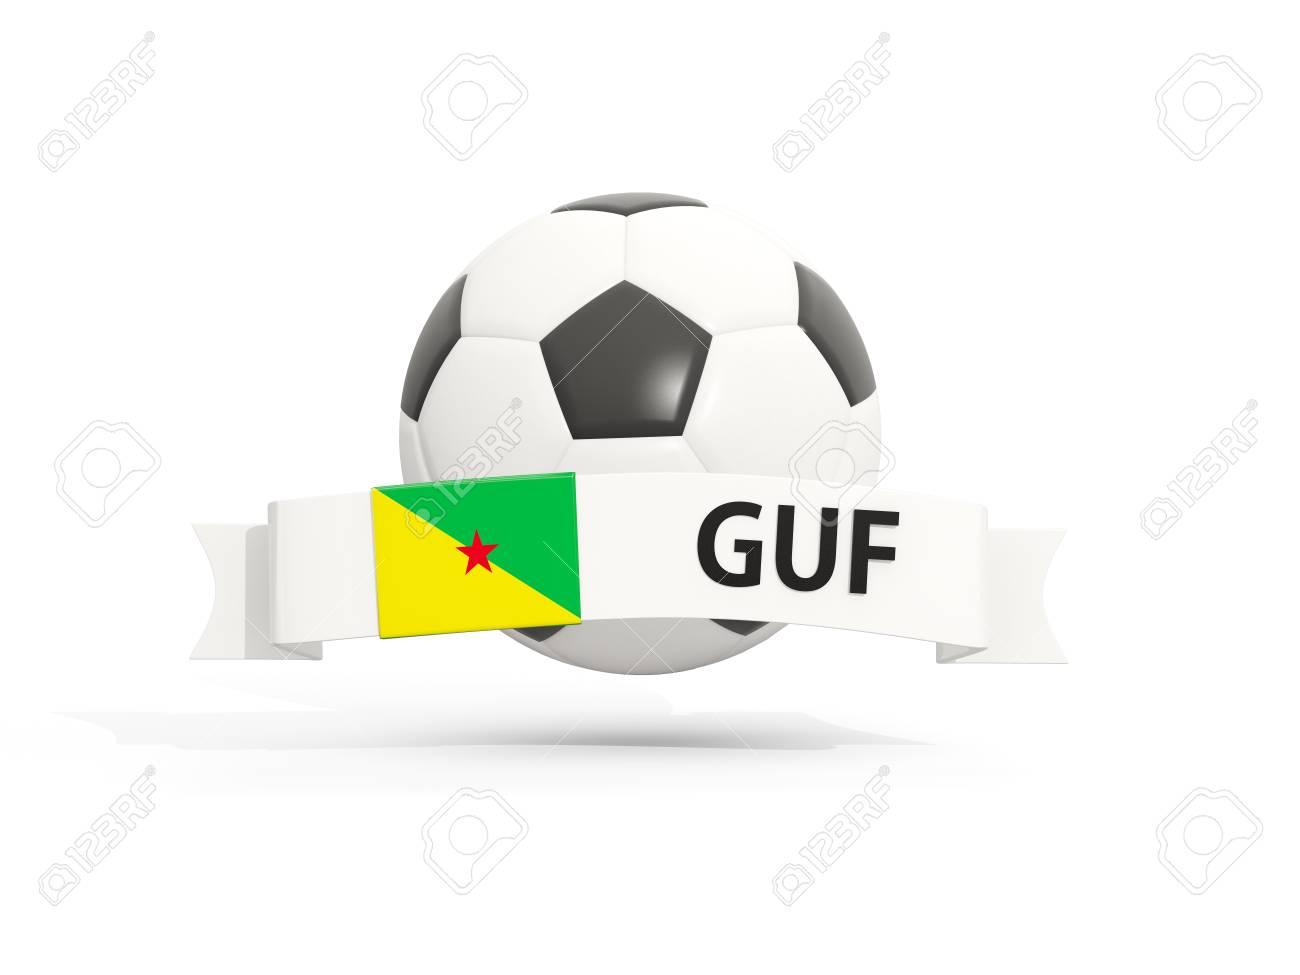 サッカーフランス領ギアナ代表 - French Guiana national football ...